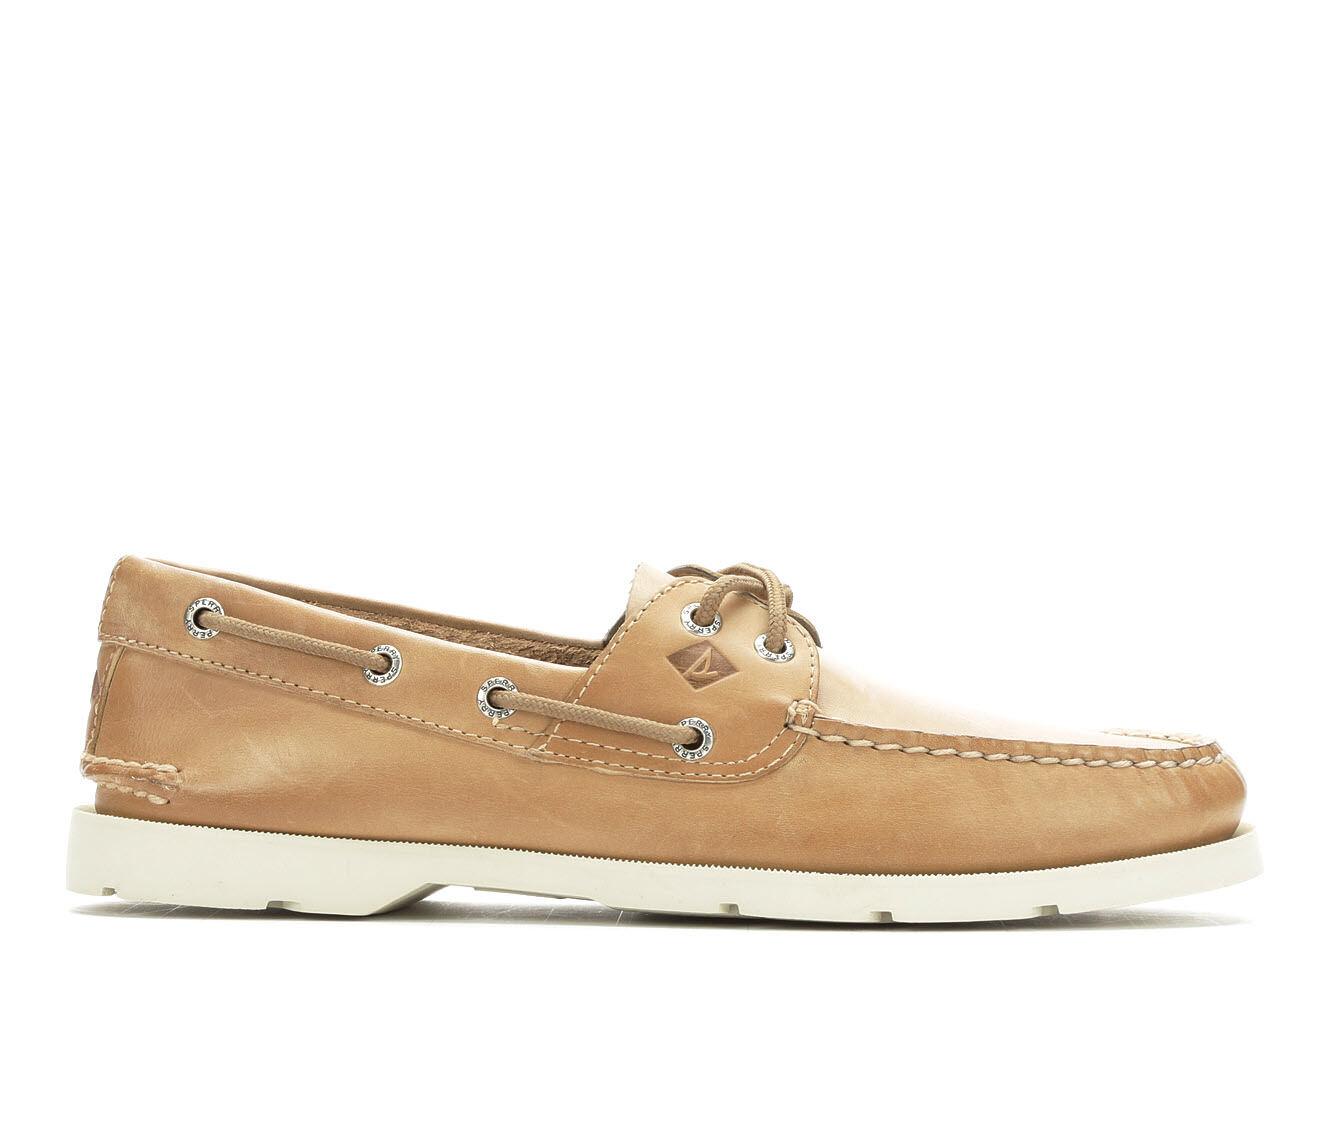 buy new Men's Sperry Leeward 2 Eye Boat Shoes Oatmeal